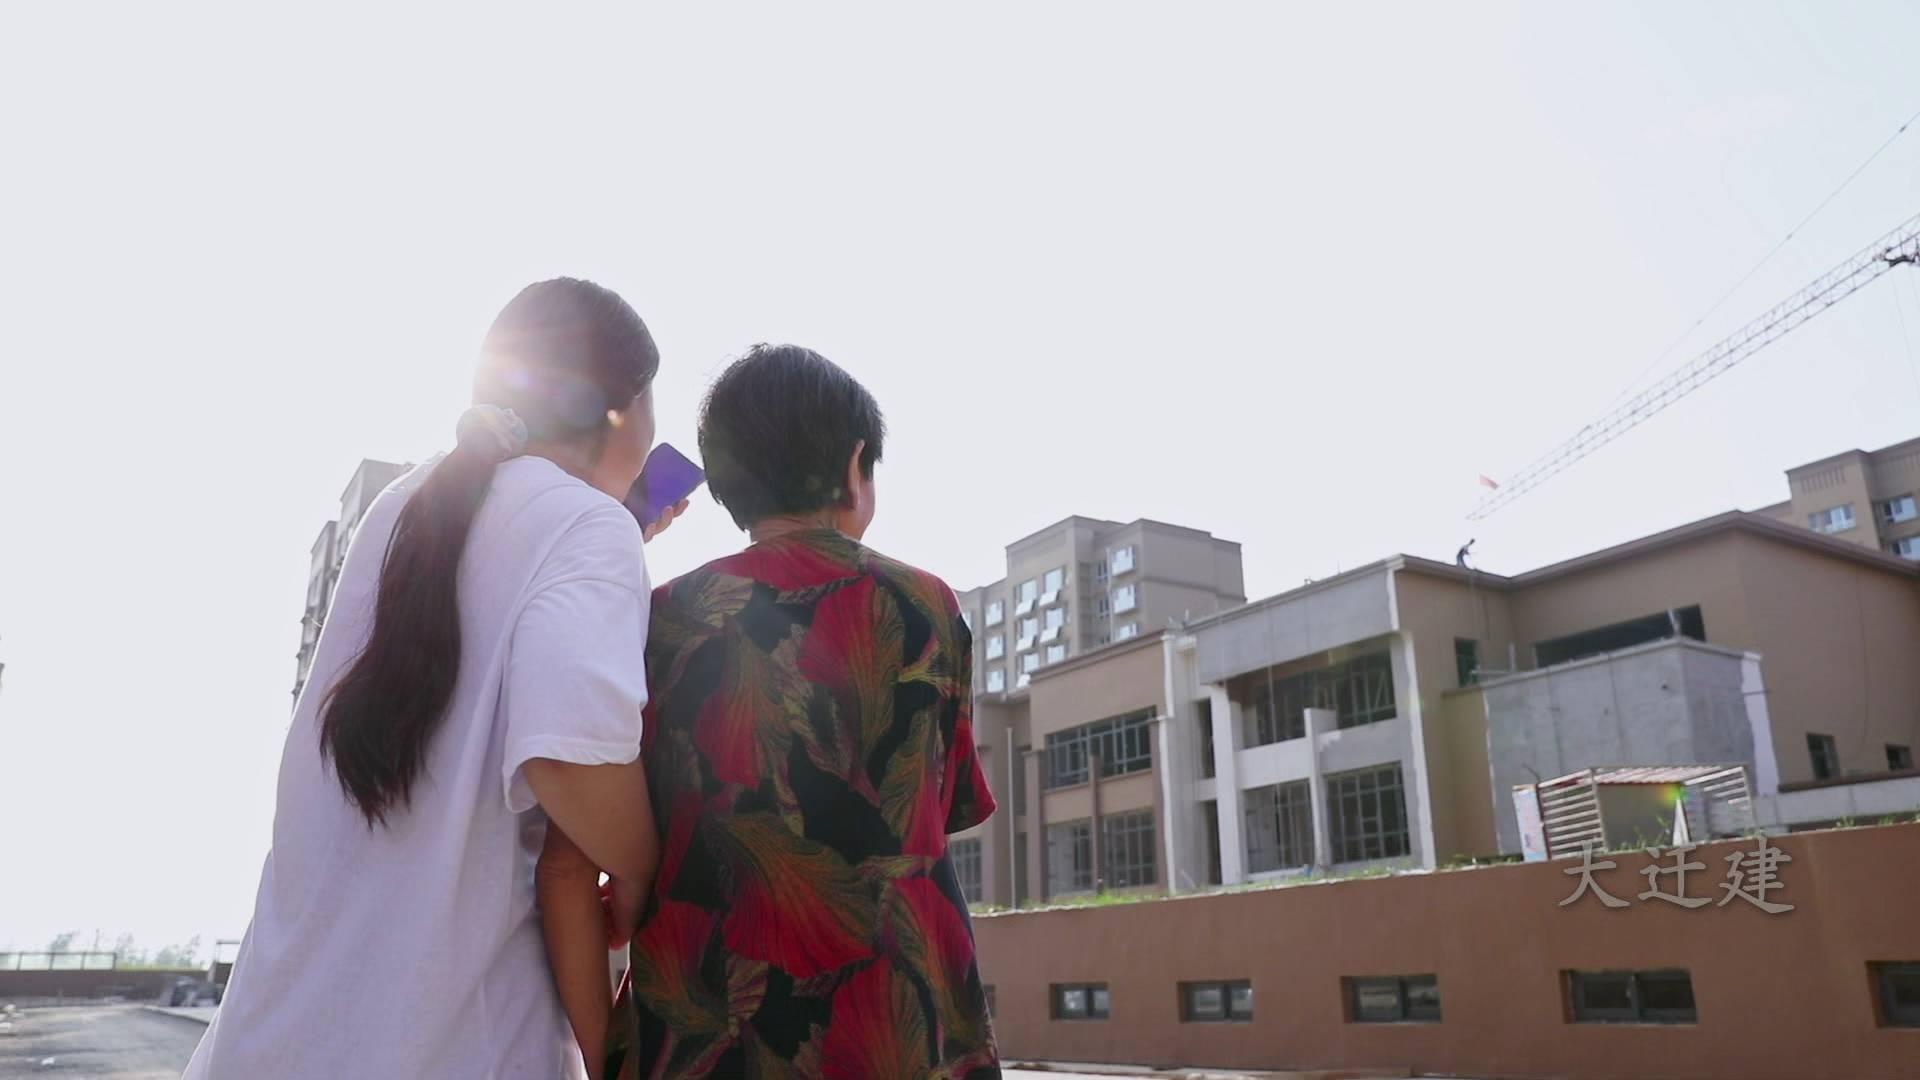 大迁建丨黄河滩区居民迁建工程 连结求学女孩的家乡与梦想